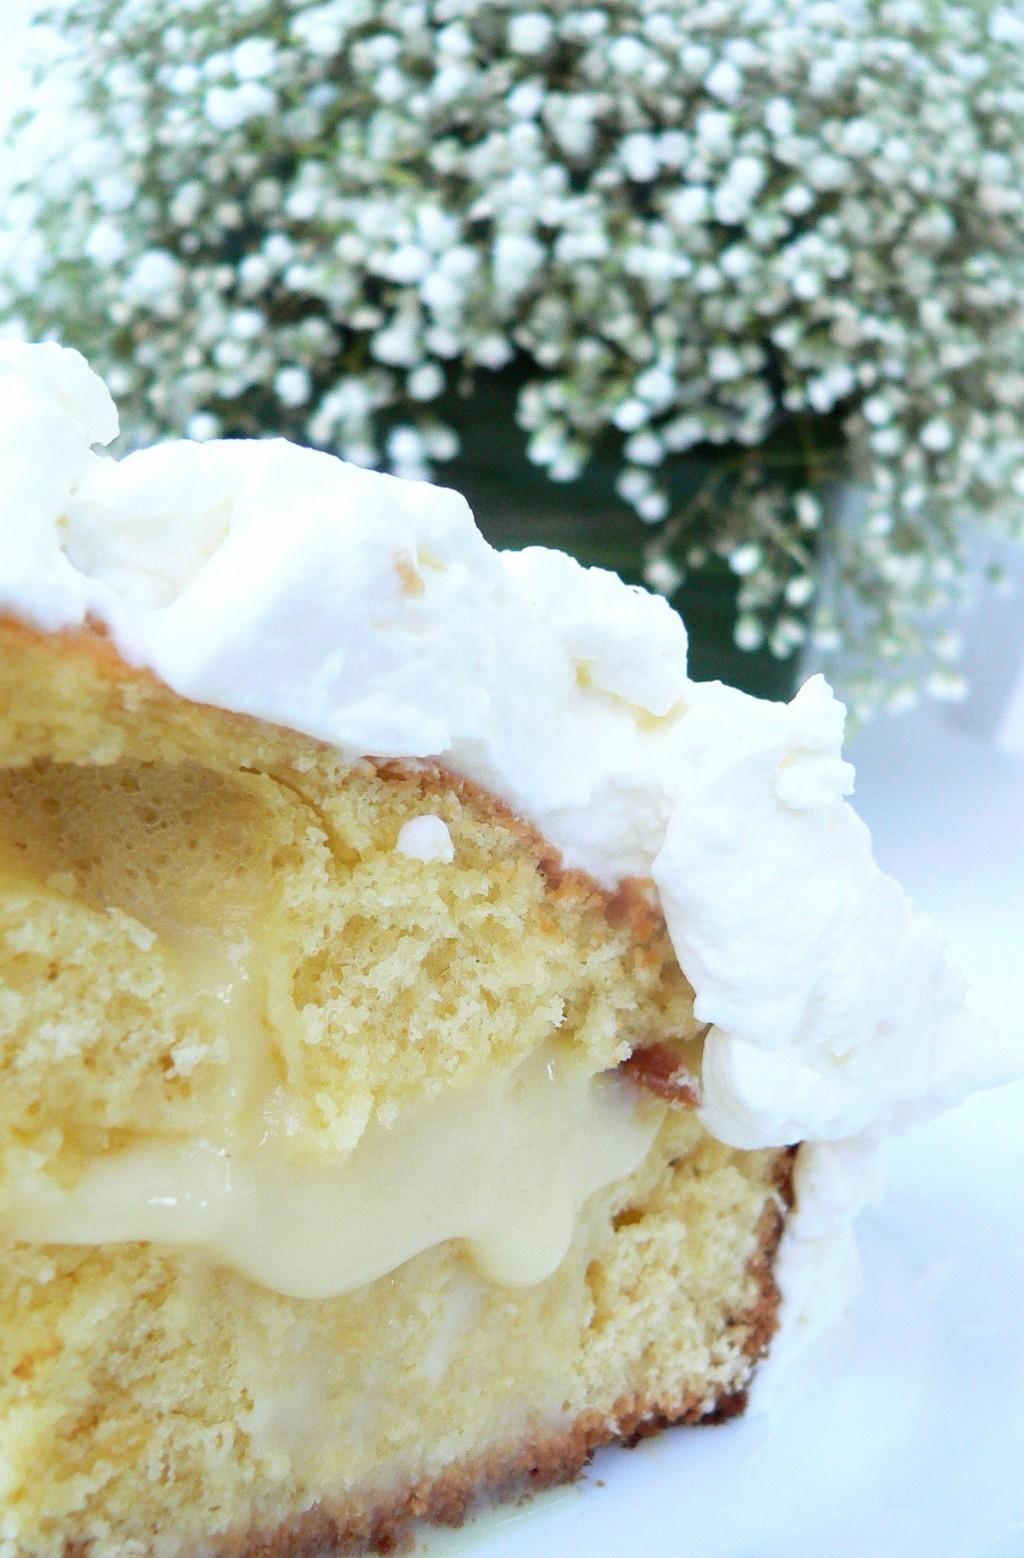 Torta allo yogurt con crema e panna bimby tm31 tm5 for Ricette bimby torte